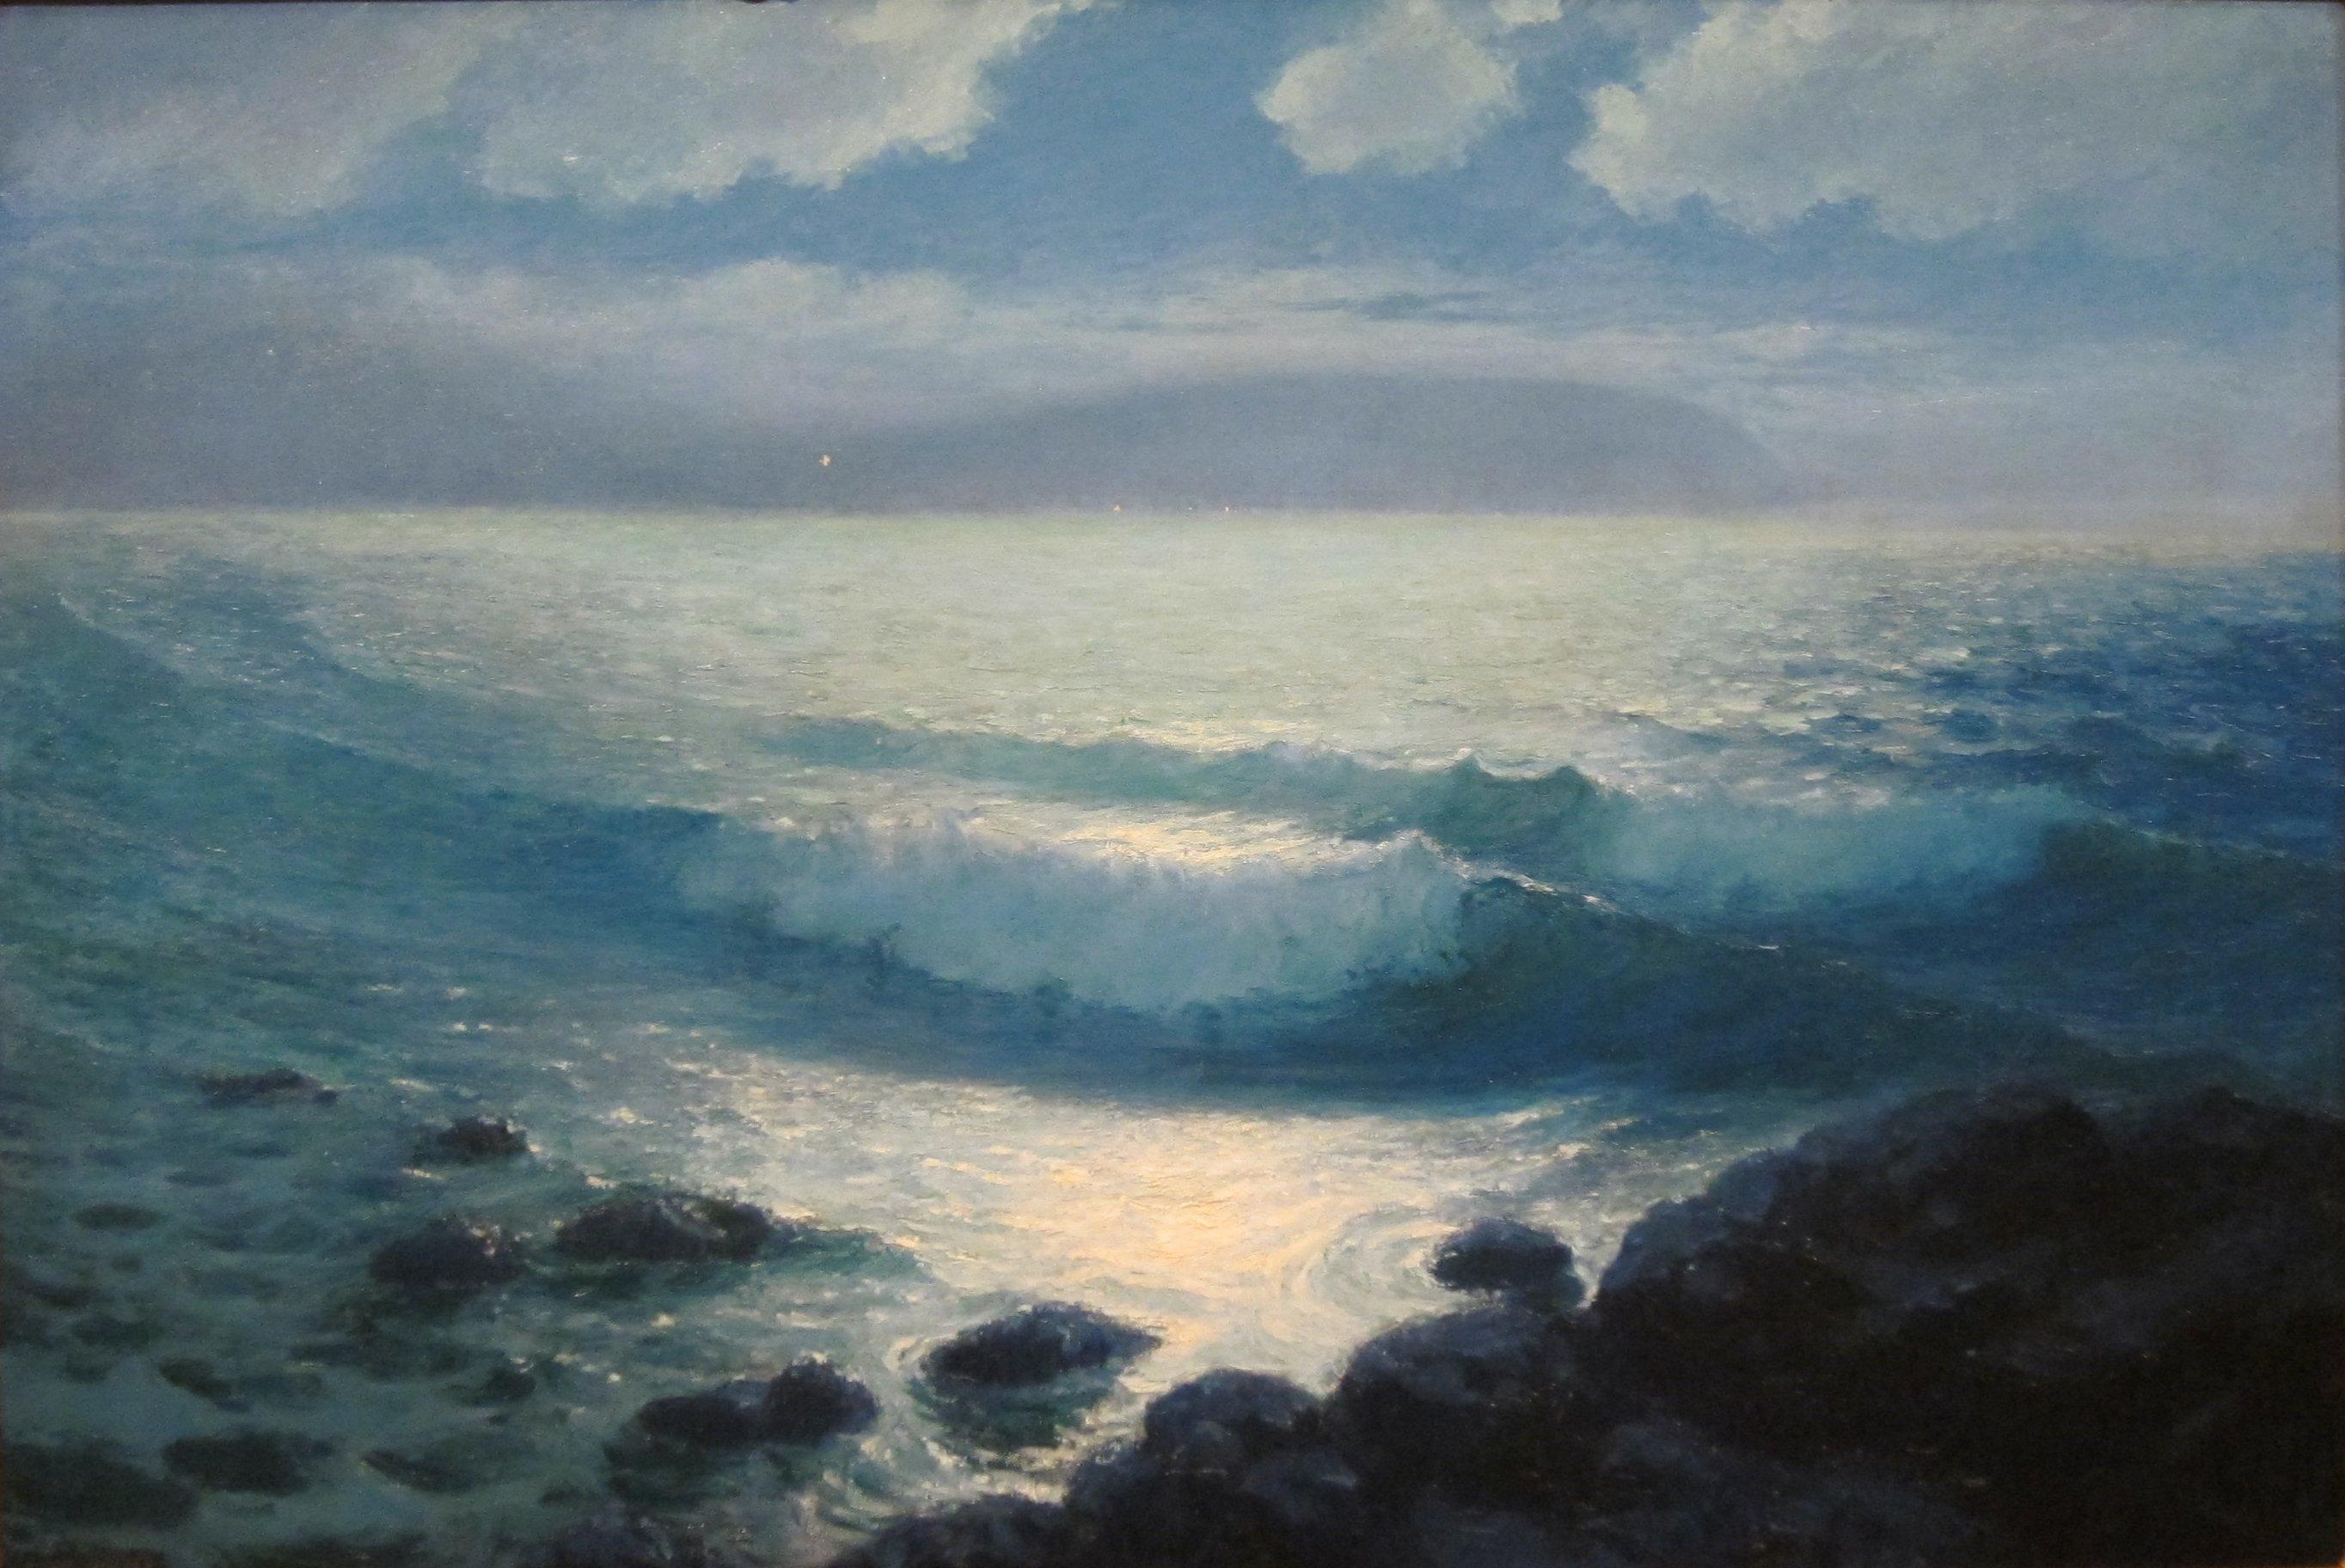 Fotoğraf Deniz Sahil Su Okyanus Ufuk ışık Bulut Gökyüzü